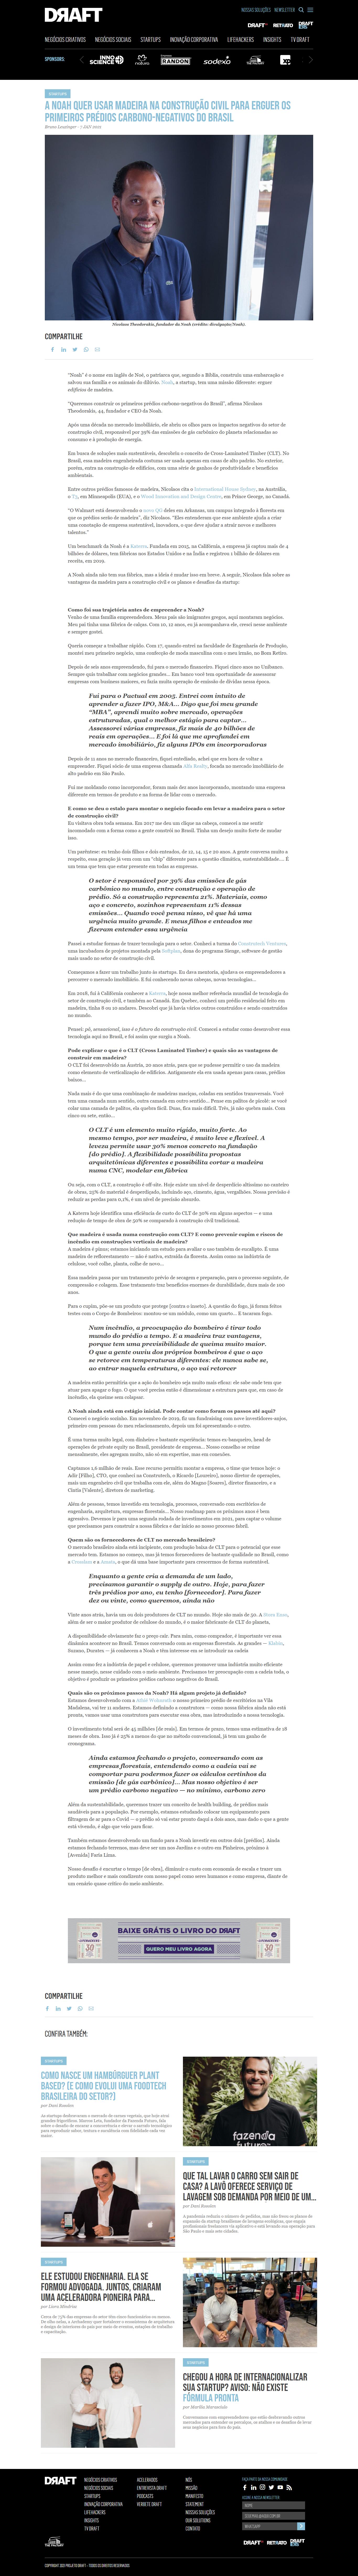 A NOAH QUER USAR MADEIRA NA CONSTRUÇÃO CIVIL PARA ERGUER OS PRIMEIROS PRÉDIOS CARBONO-NEGATIVOS DO BRASIL - Projeto Draft